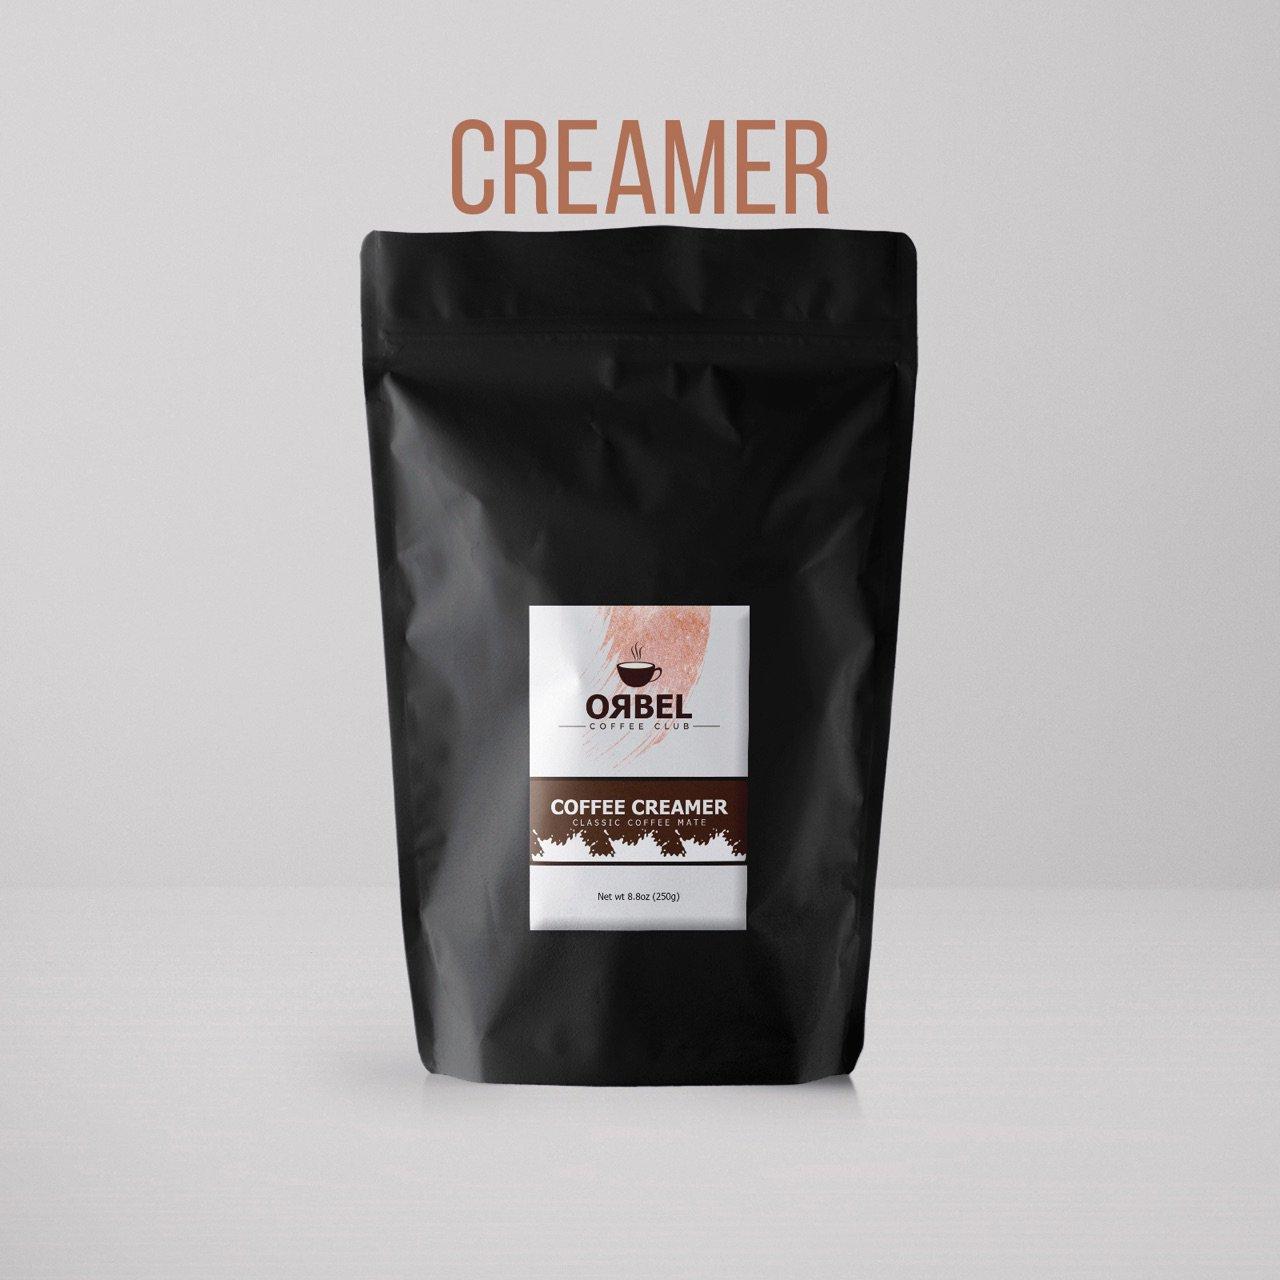 کافی میت پودر شیر اربل 500 گرم